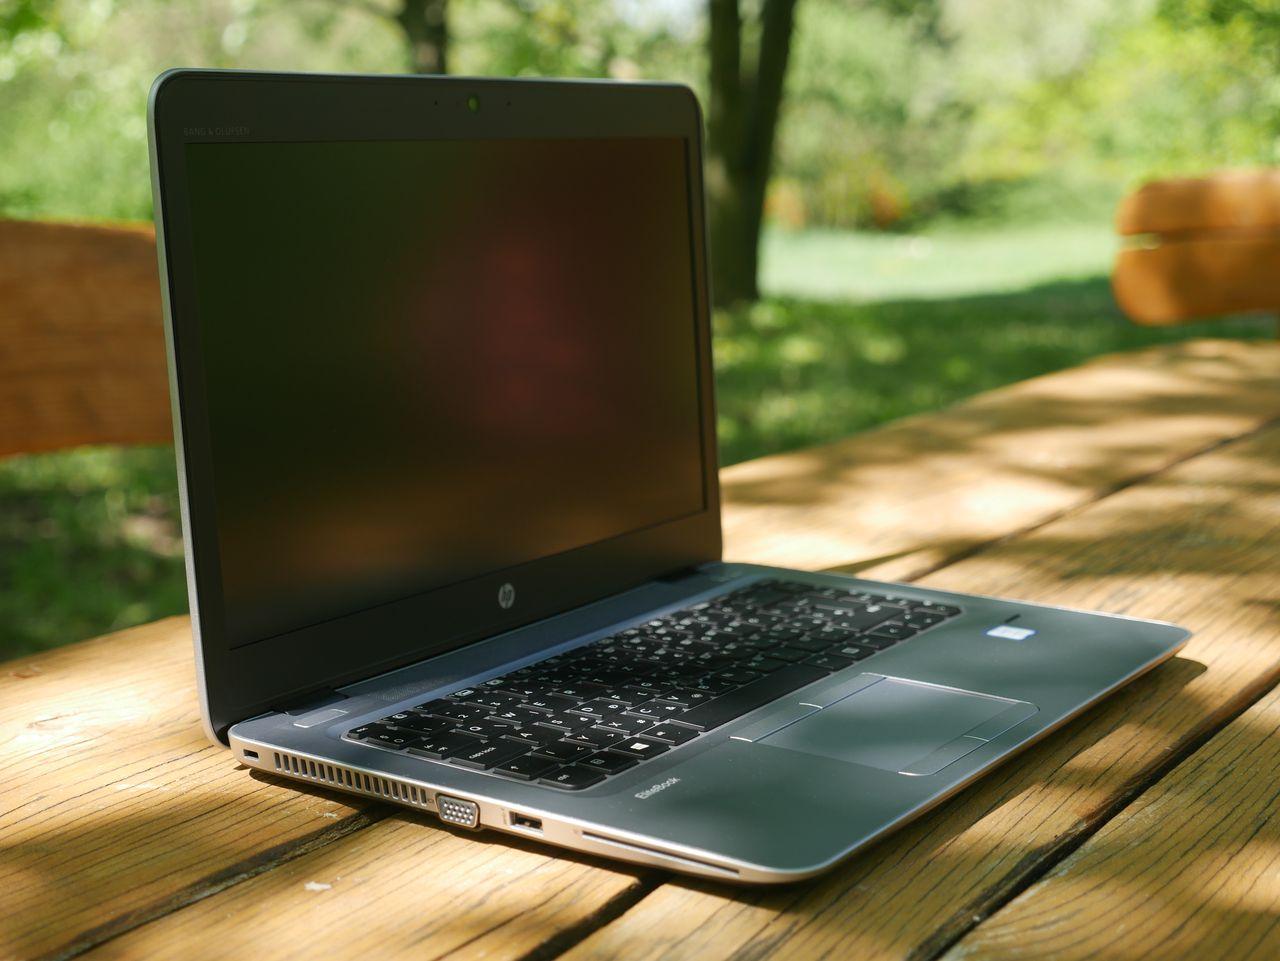 EliteBook 840 G4 teszt - a(z üzleti) zsákbamacska 0d4eba2421